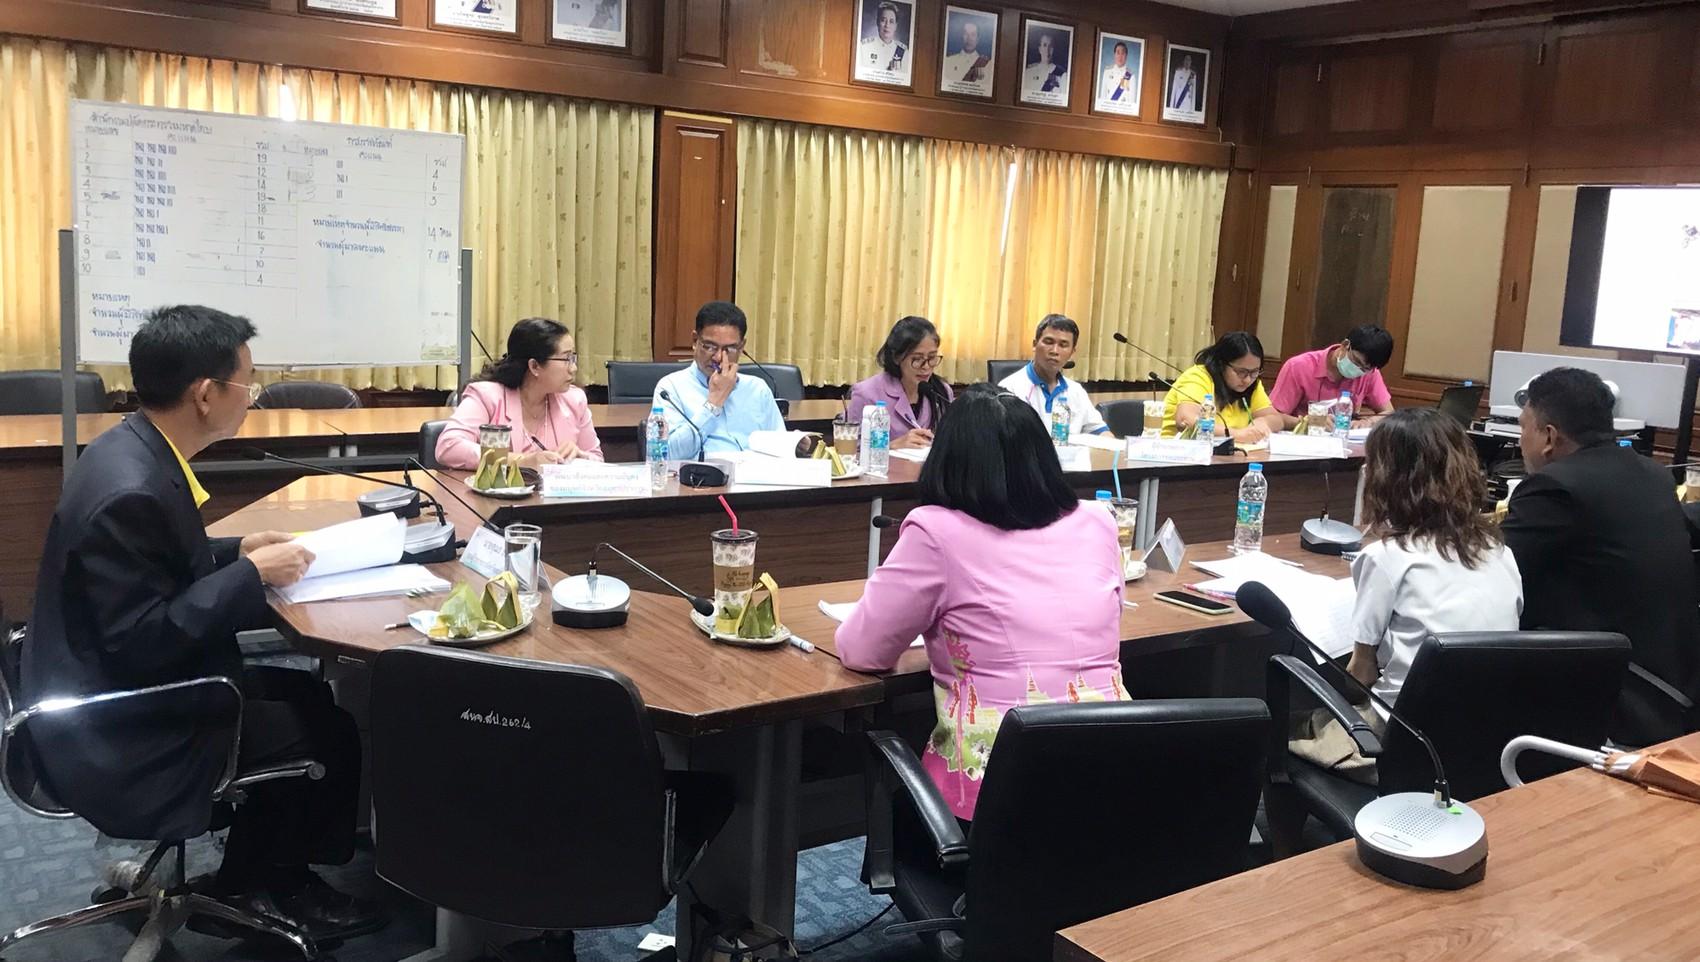 การประชุมคณะกรรมการศูนย์ความช่วยเหลือผู้ประสบความเดือดร้อนด้านอาชีพ กระทรวงแรงงาน ประจำจังหวัดสมุทรปราการ ครั้งที่ 1/2564